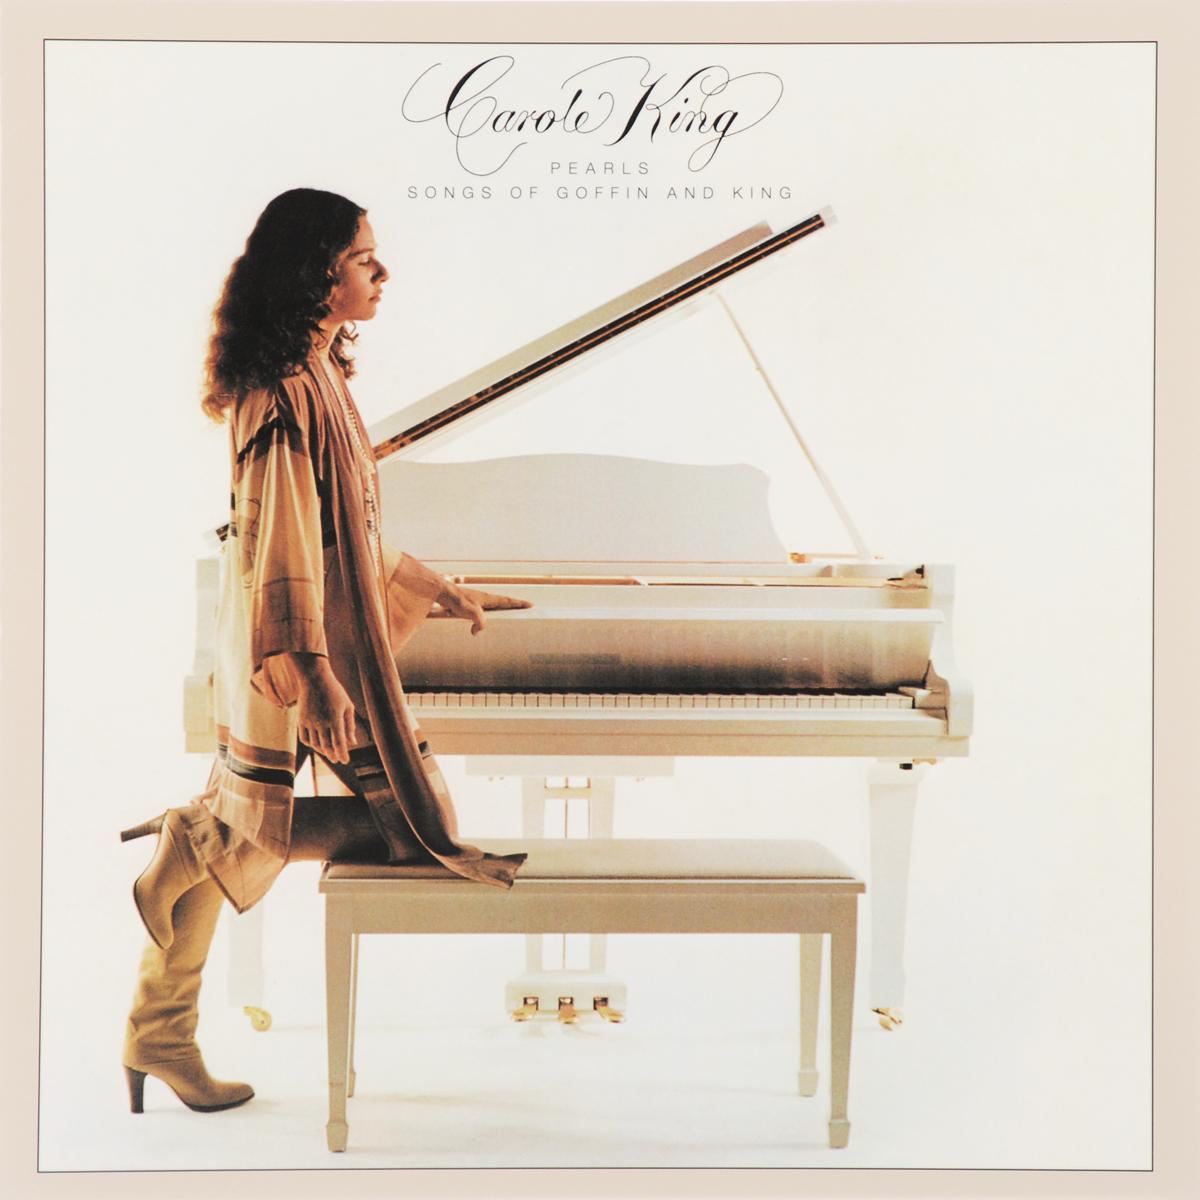 Кэрол Кинг Carole King. Pearls: Songs Of Goffin And King (LP) carole king carole king her greatest hits